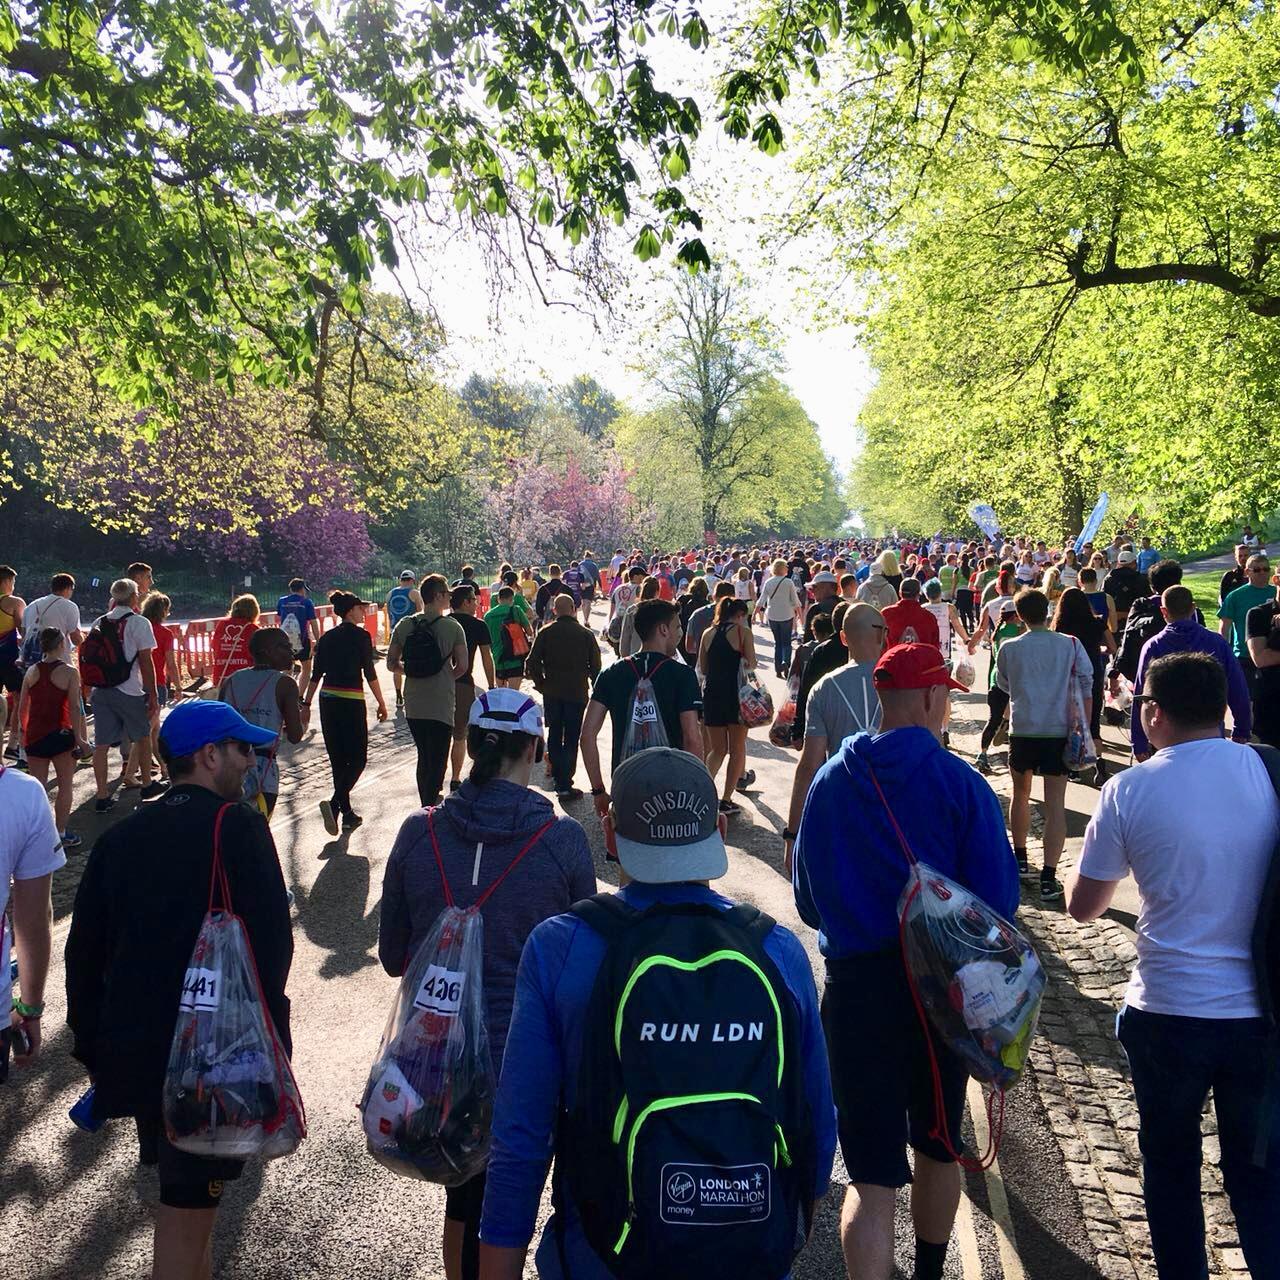 London Marathon Start